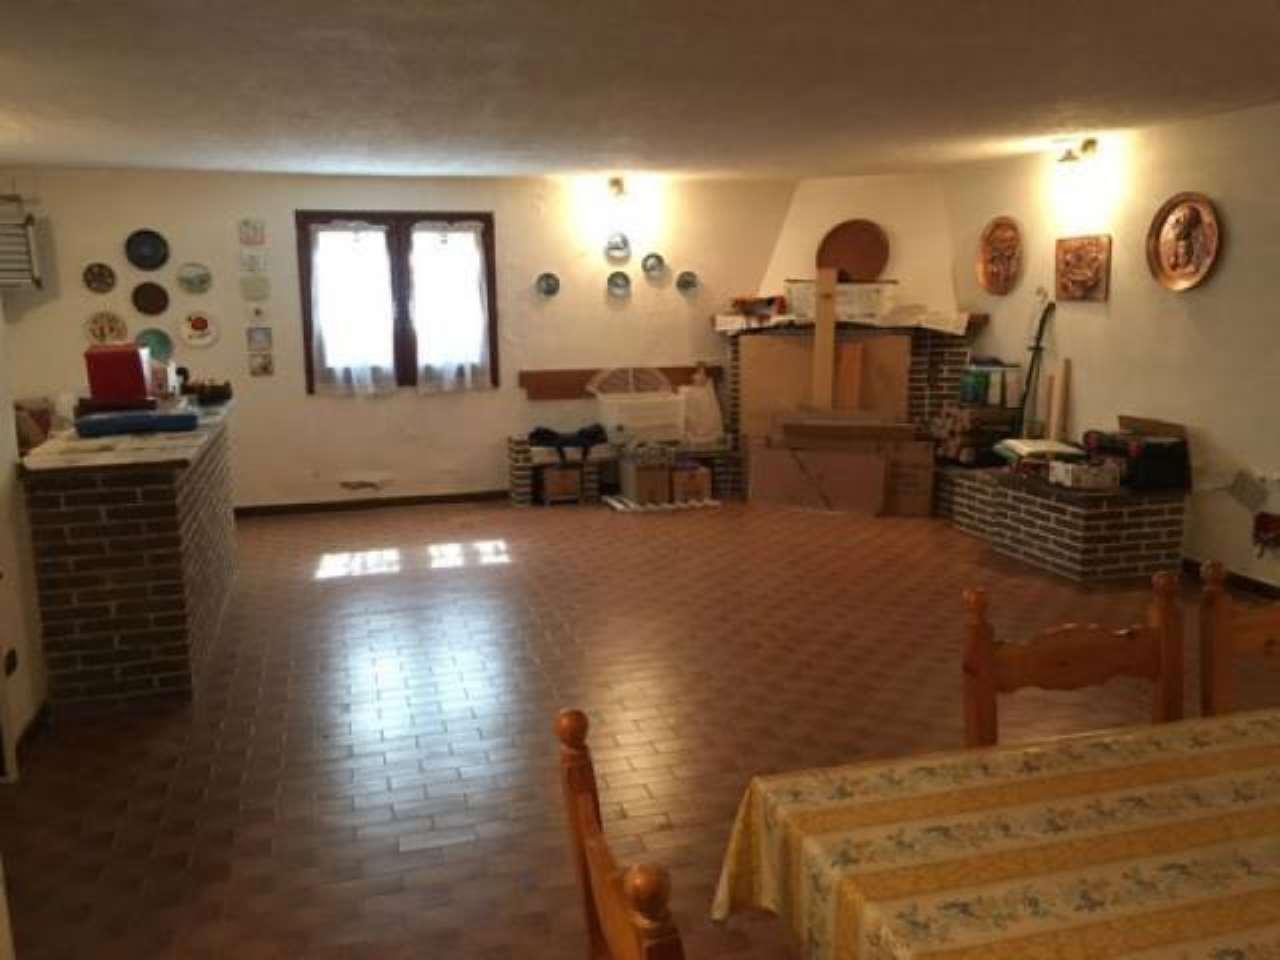 Soluzione Indipendente in vendita a Alessandria, 4 locali, prezzo € 200.000 | CambioCasa.it